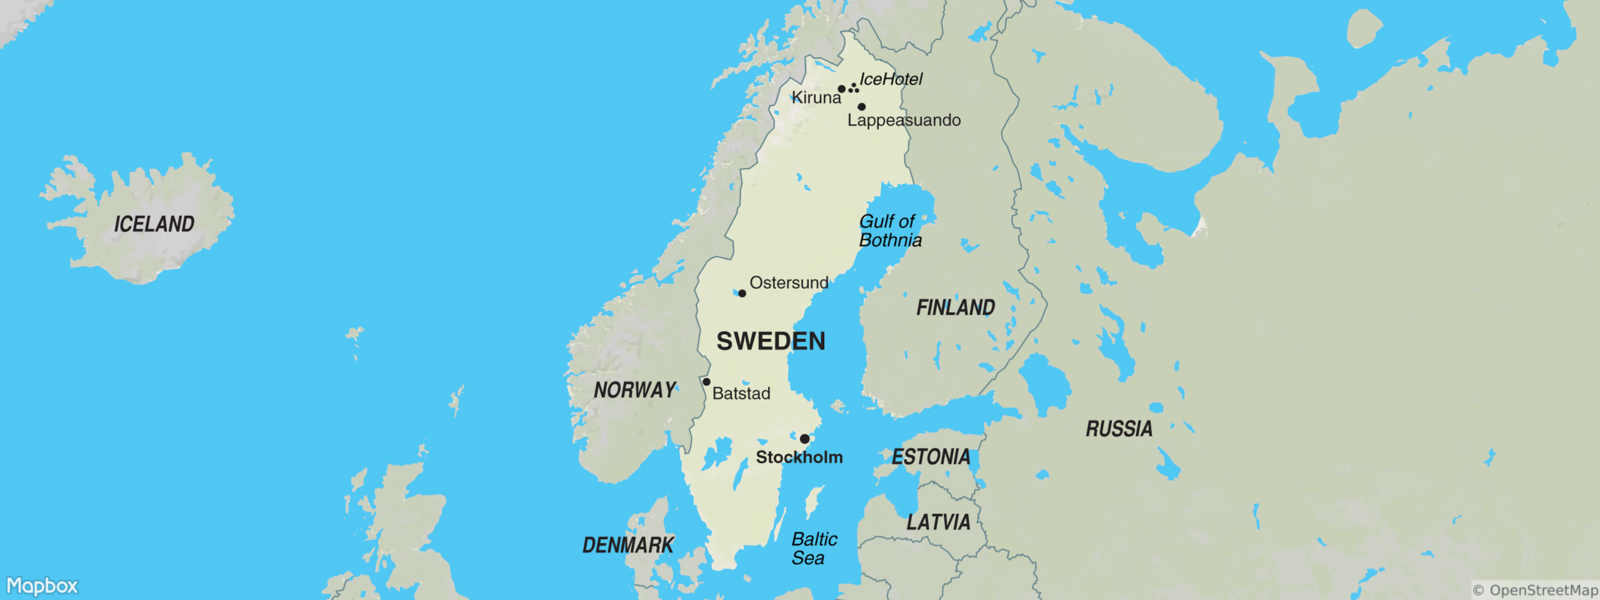 Sweden map